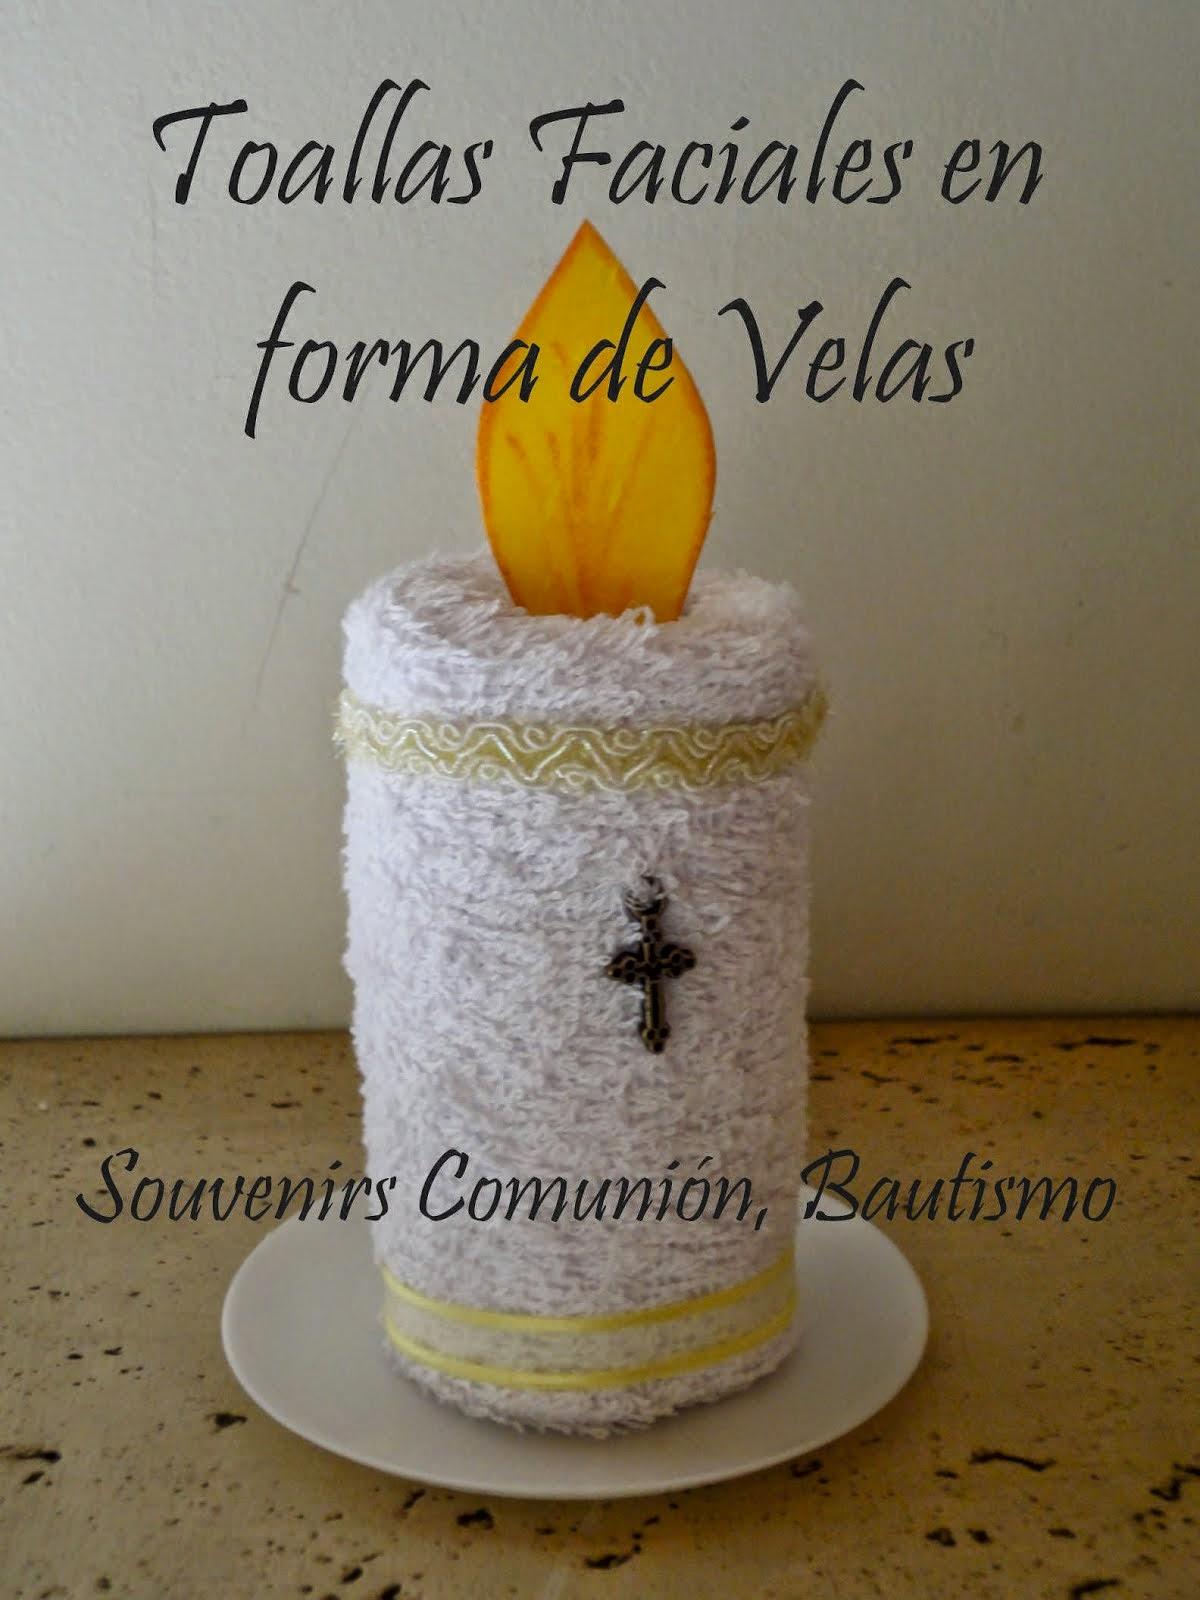 Velas en Toalla para bautismo, comunión, souvenirs